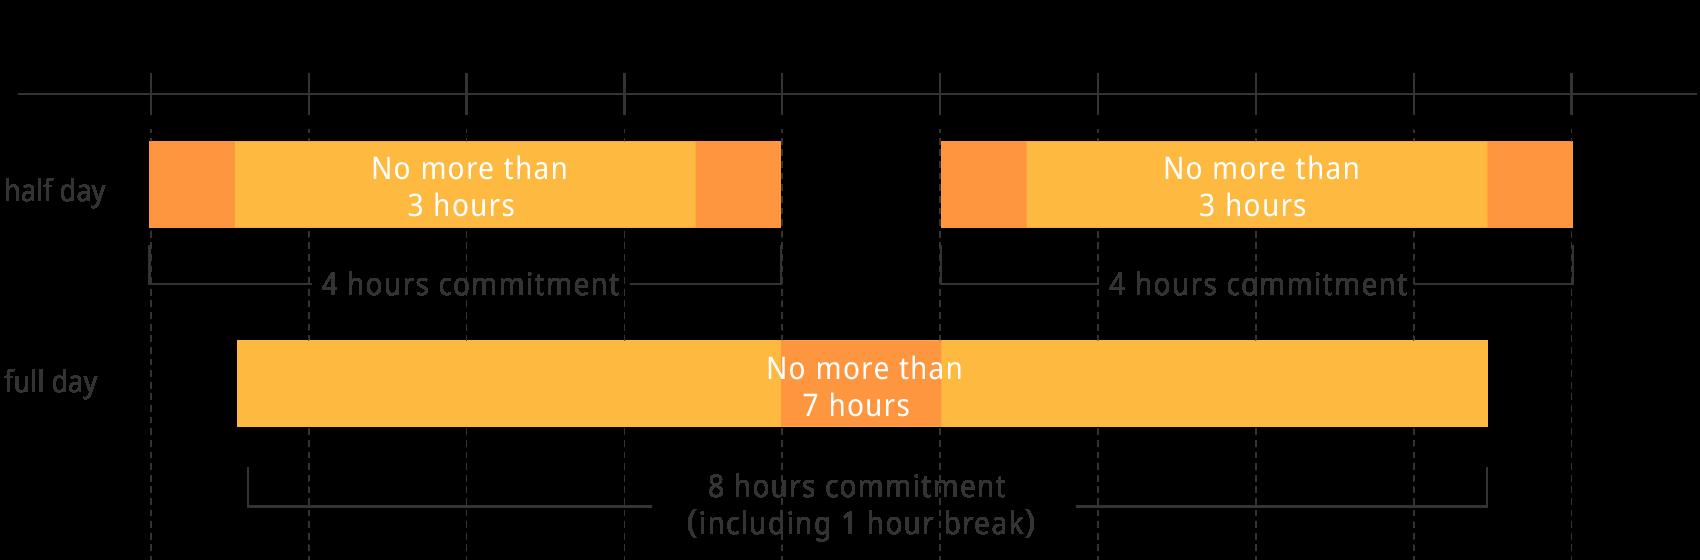 Interpreting rate